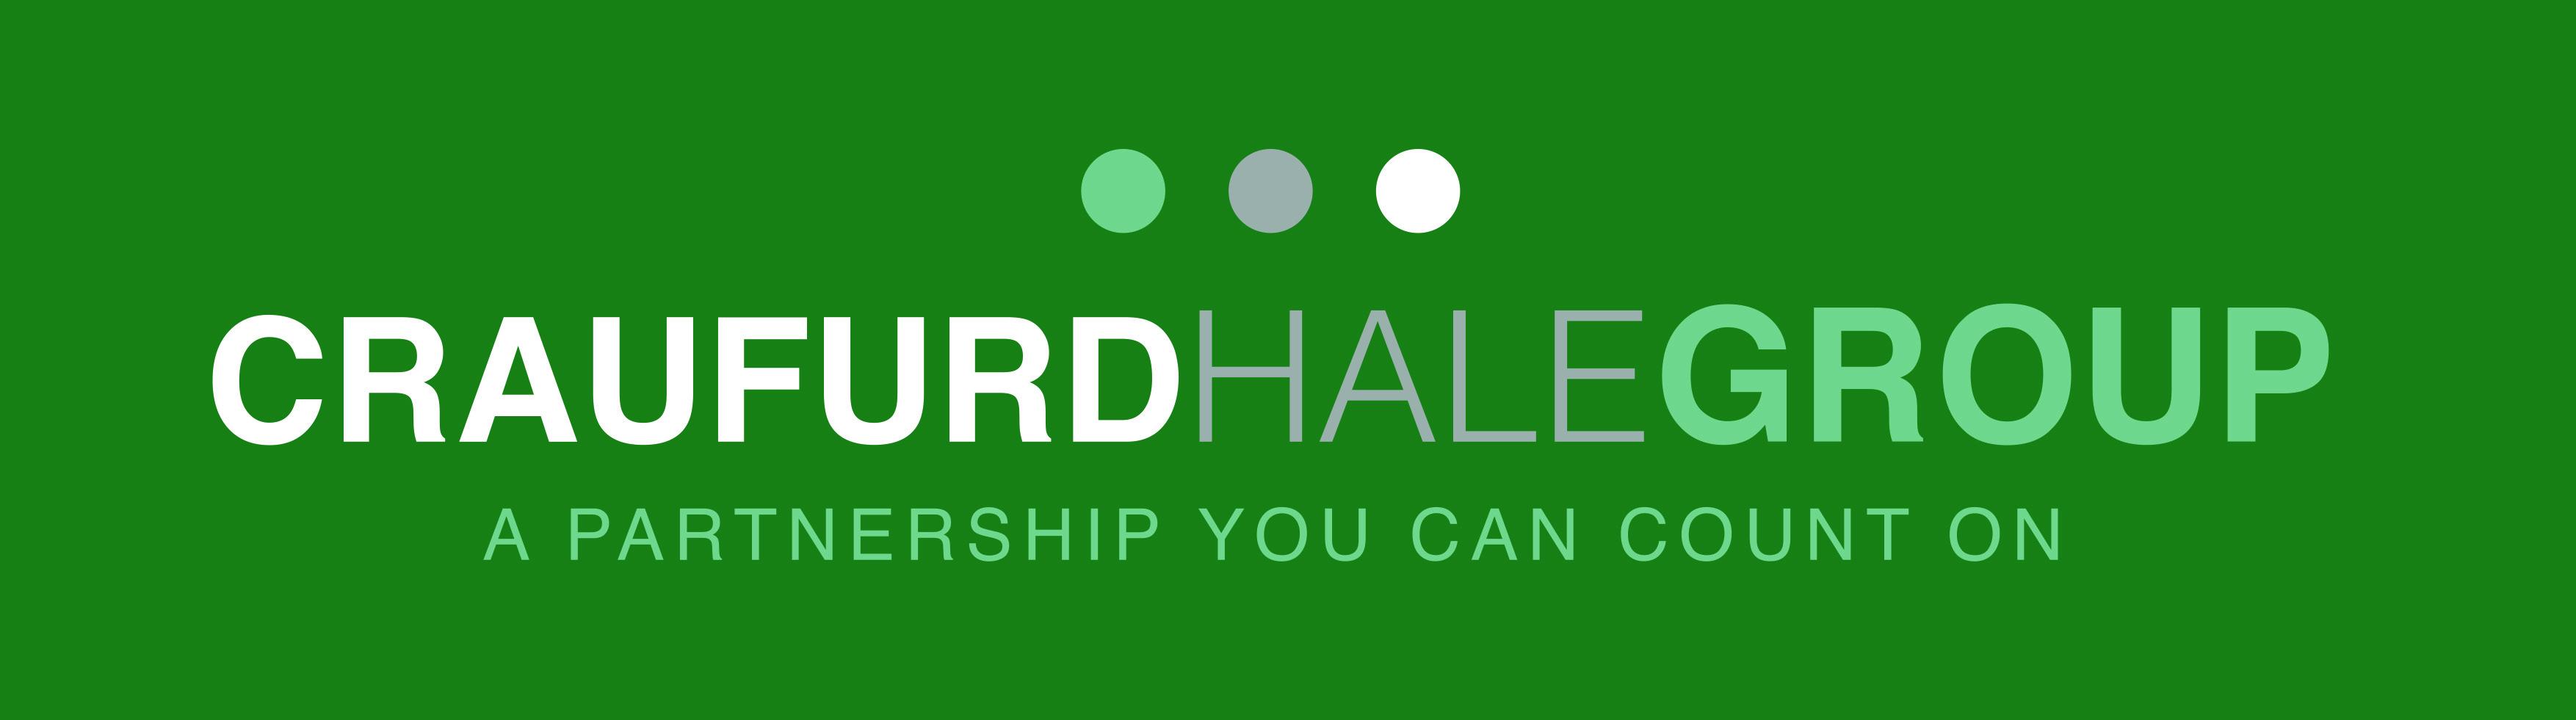 Craufurd Hale Group